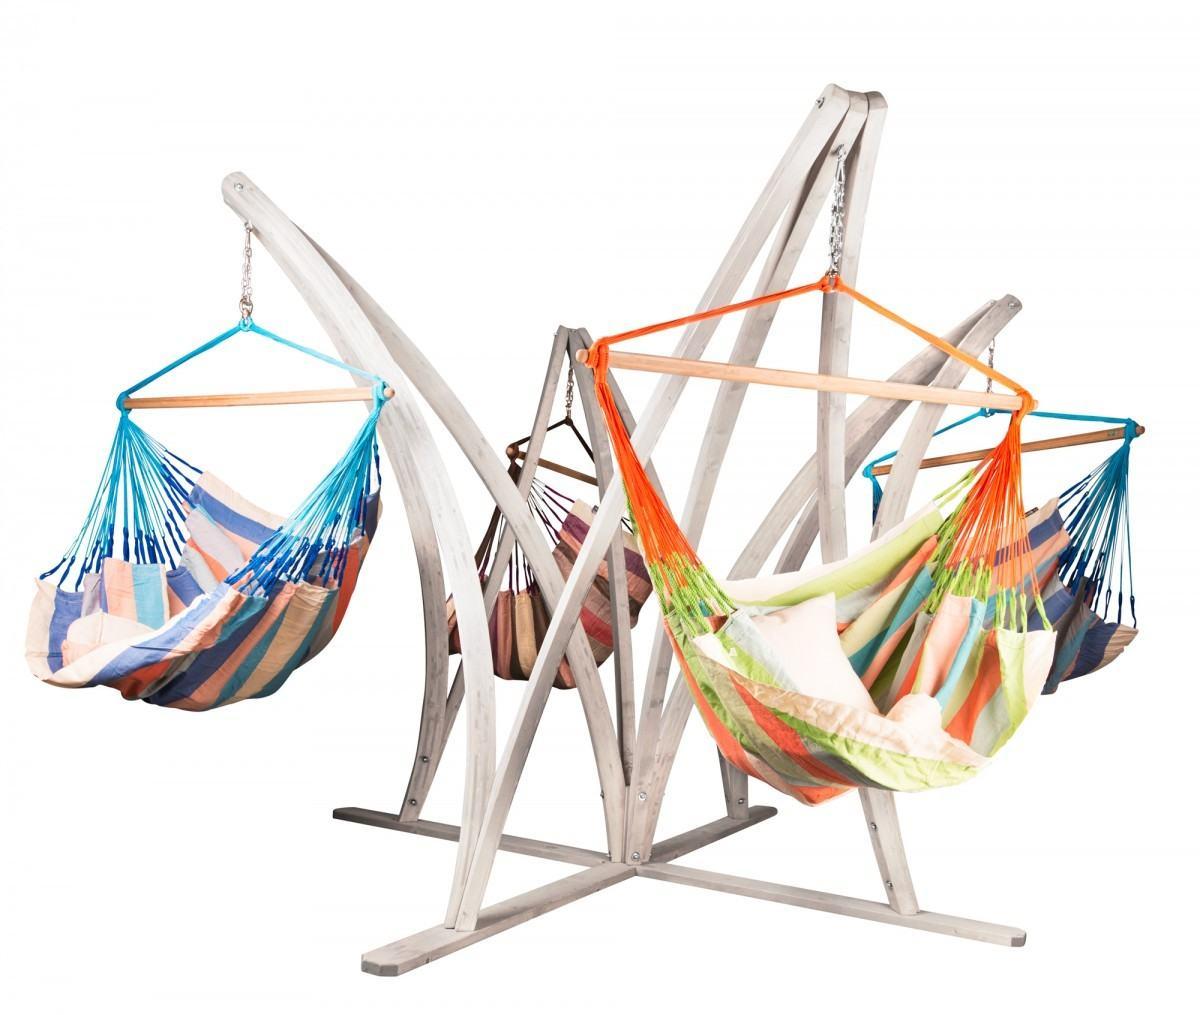 la siesta hammock chair green office domingo colombian lounger plum